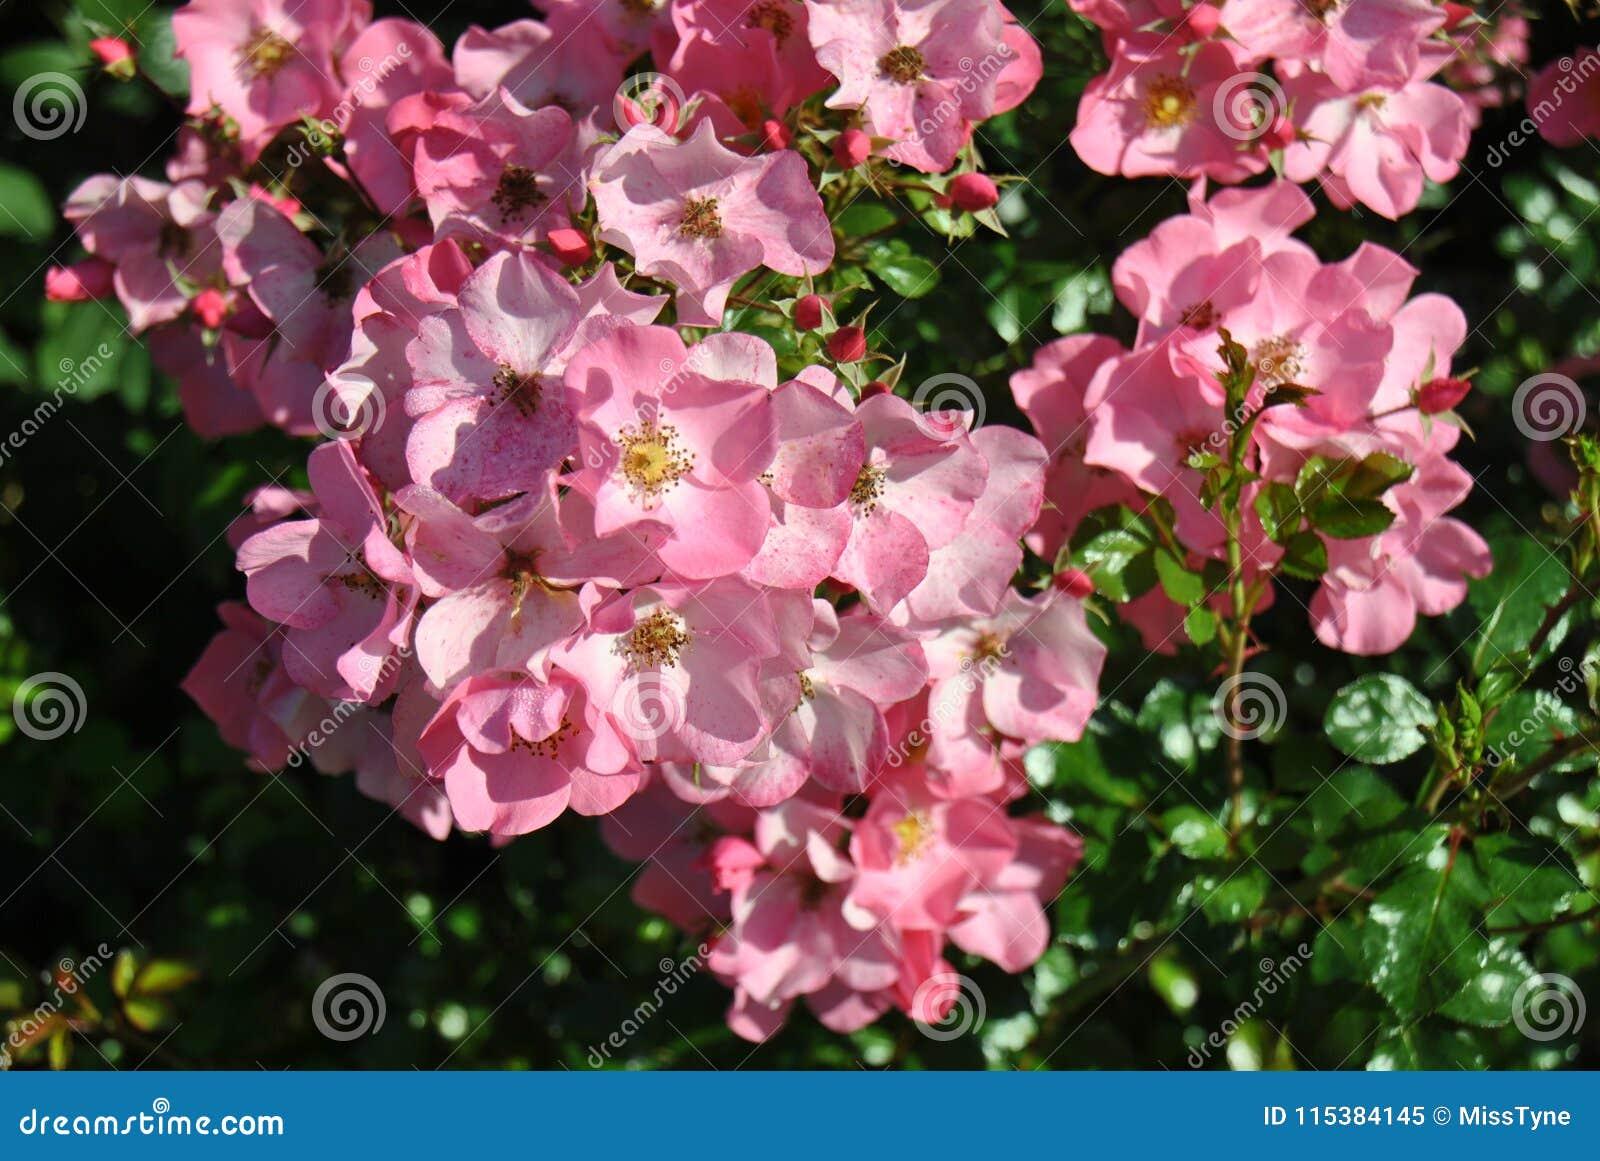 Un cespuglio in pieno dei fiori rosa